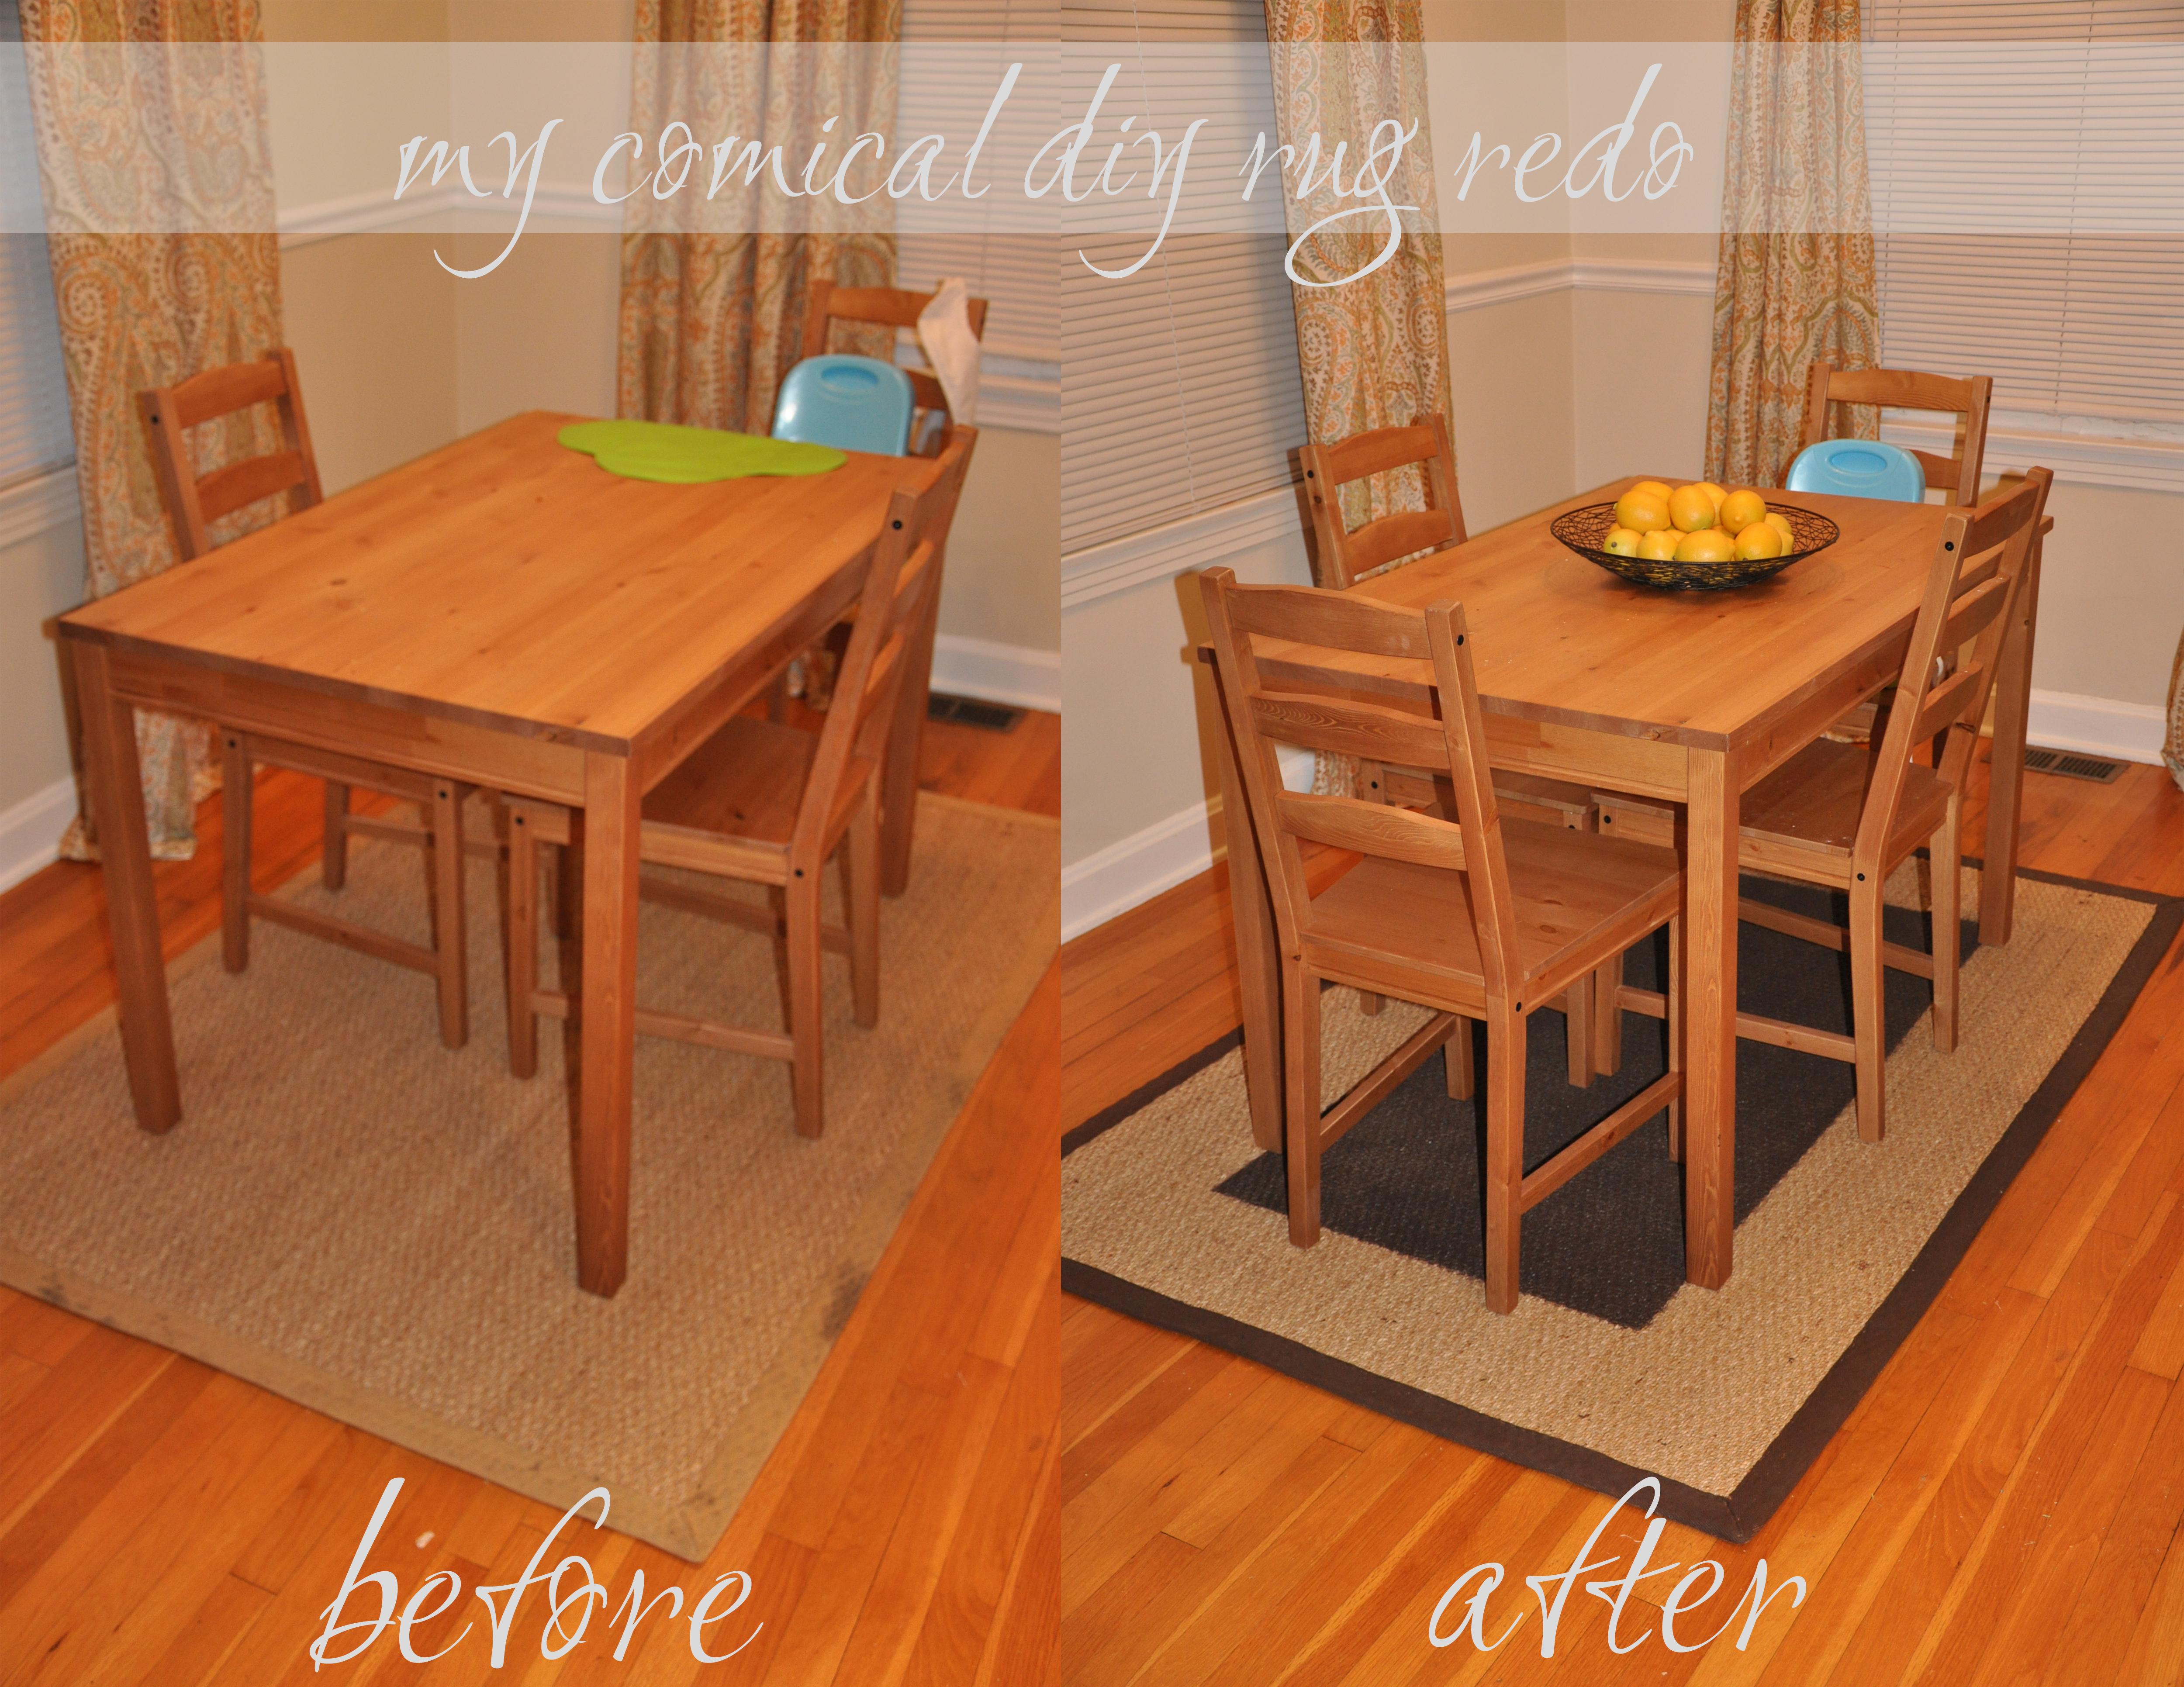 My comical diy rug redo hair teasing hair bows - Kitchen table redo ...